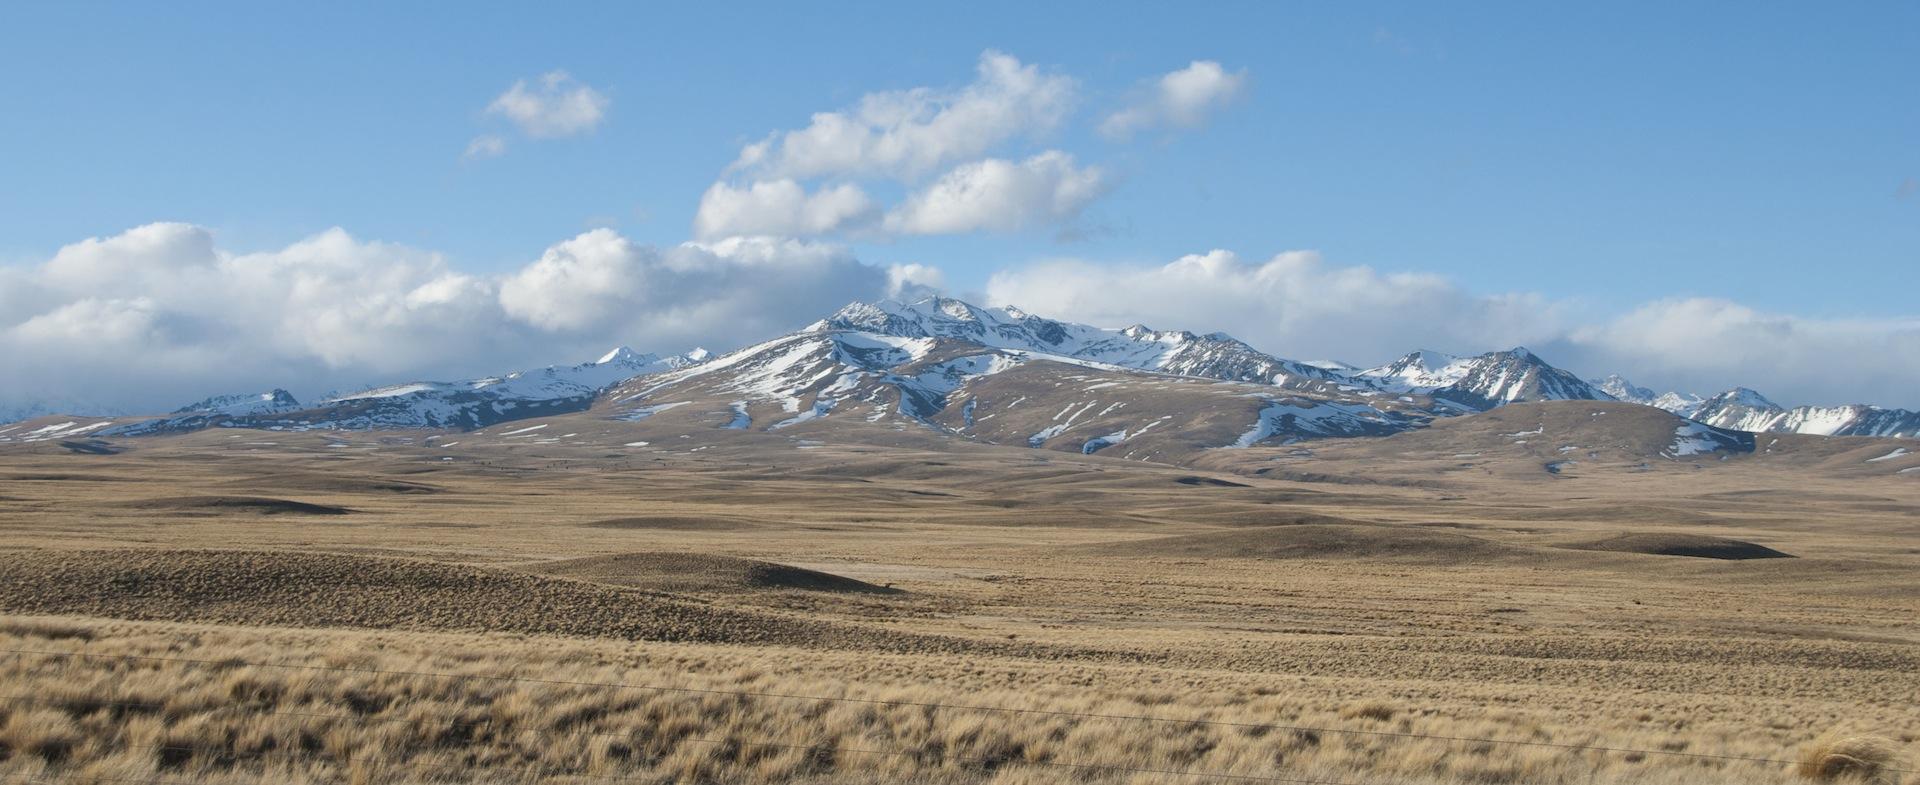 New Zealand Grasslands.jpg